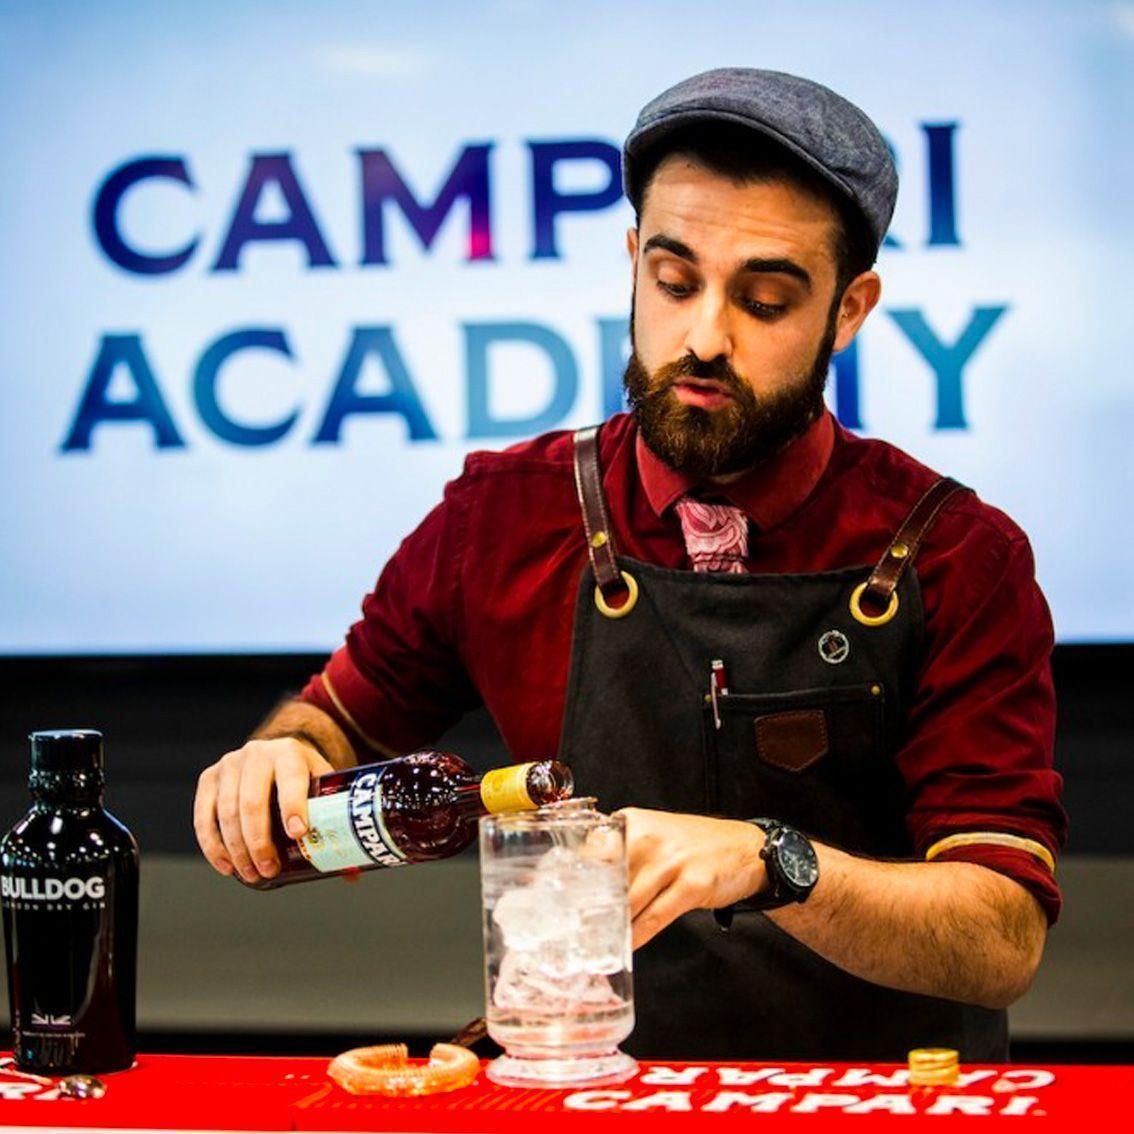 Campari – Campari Academy